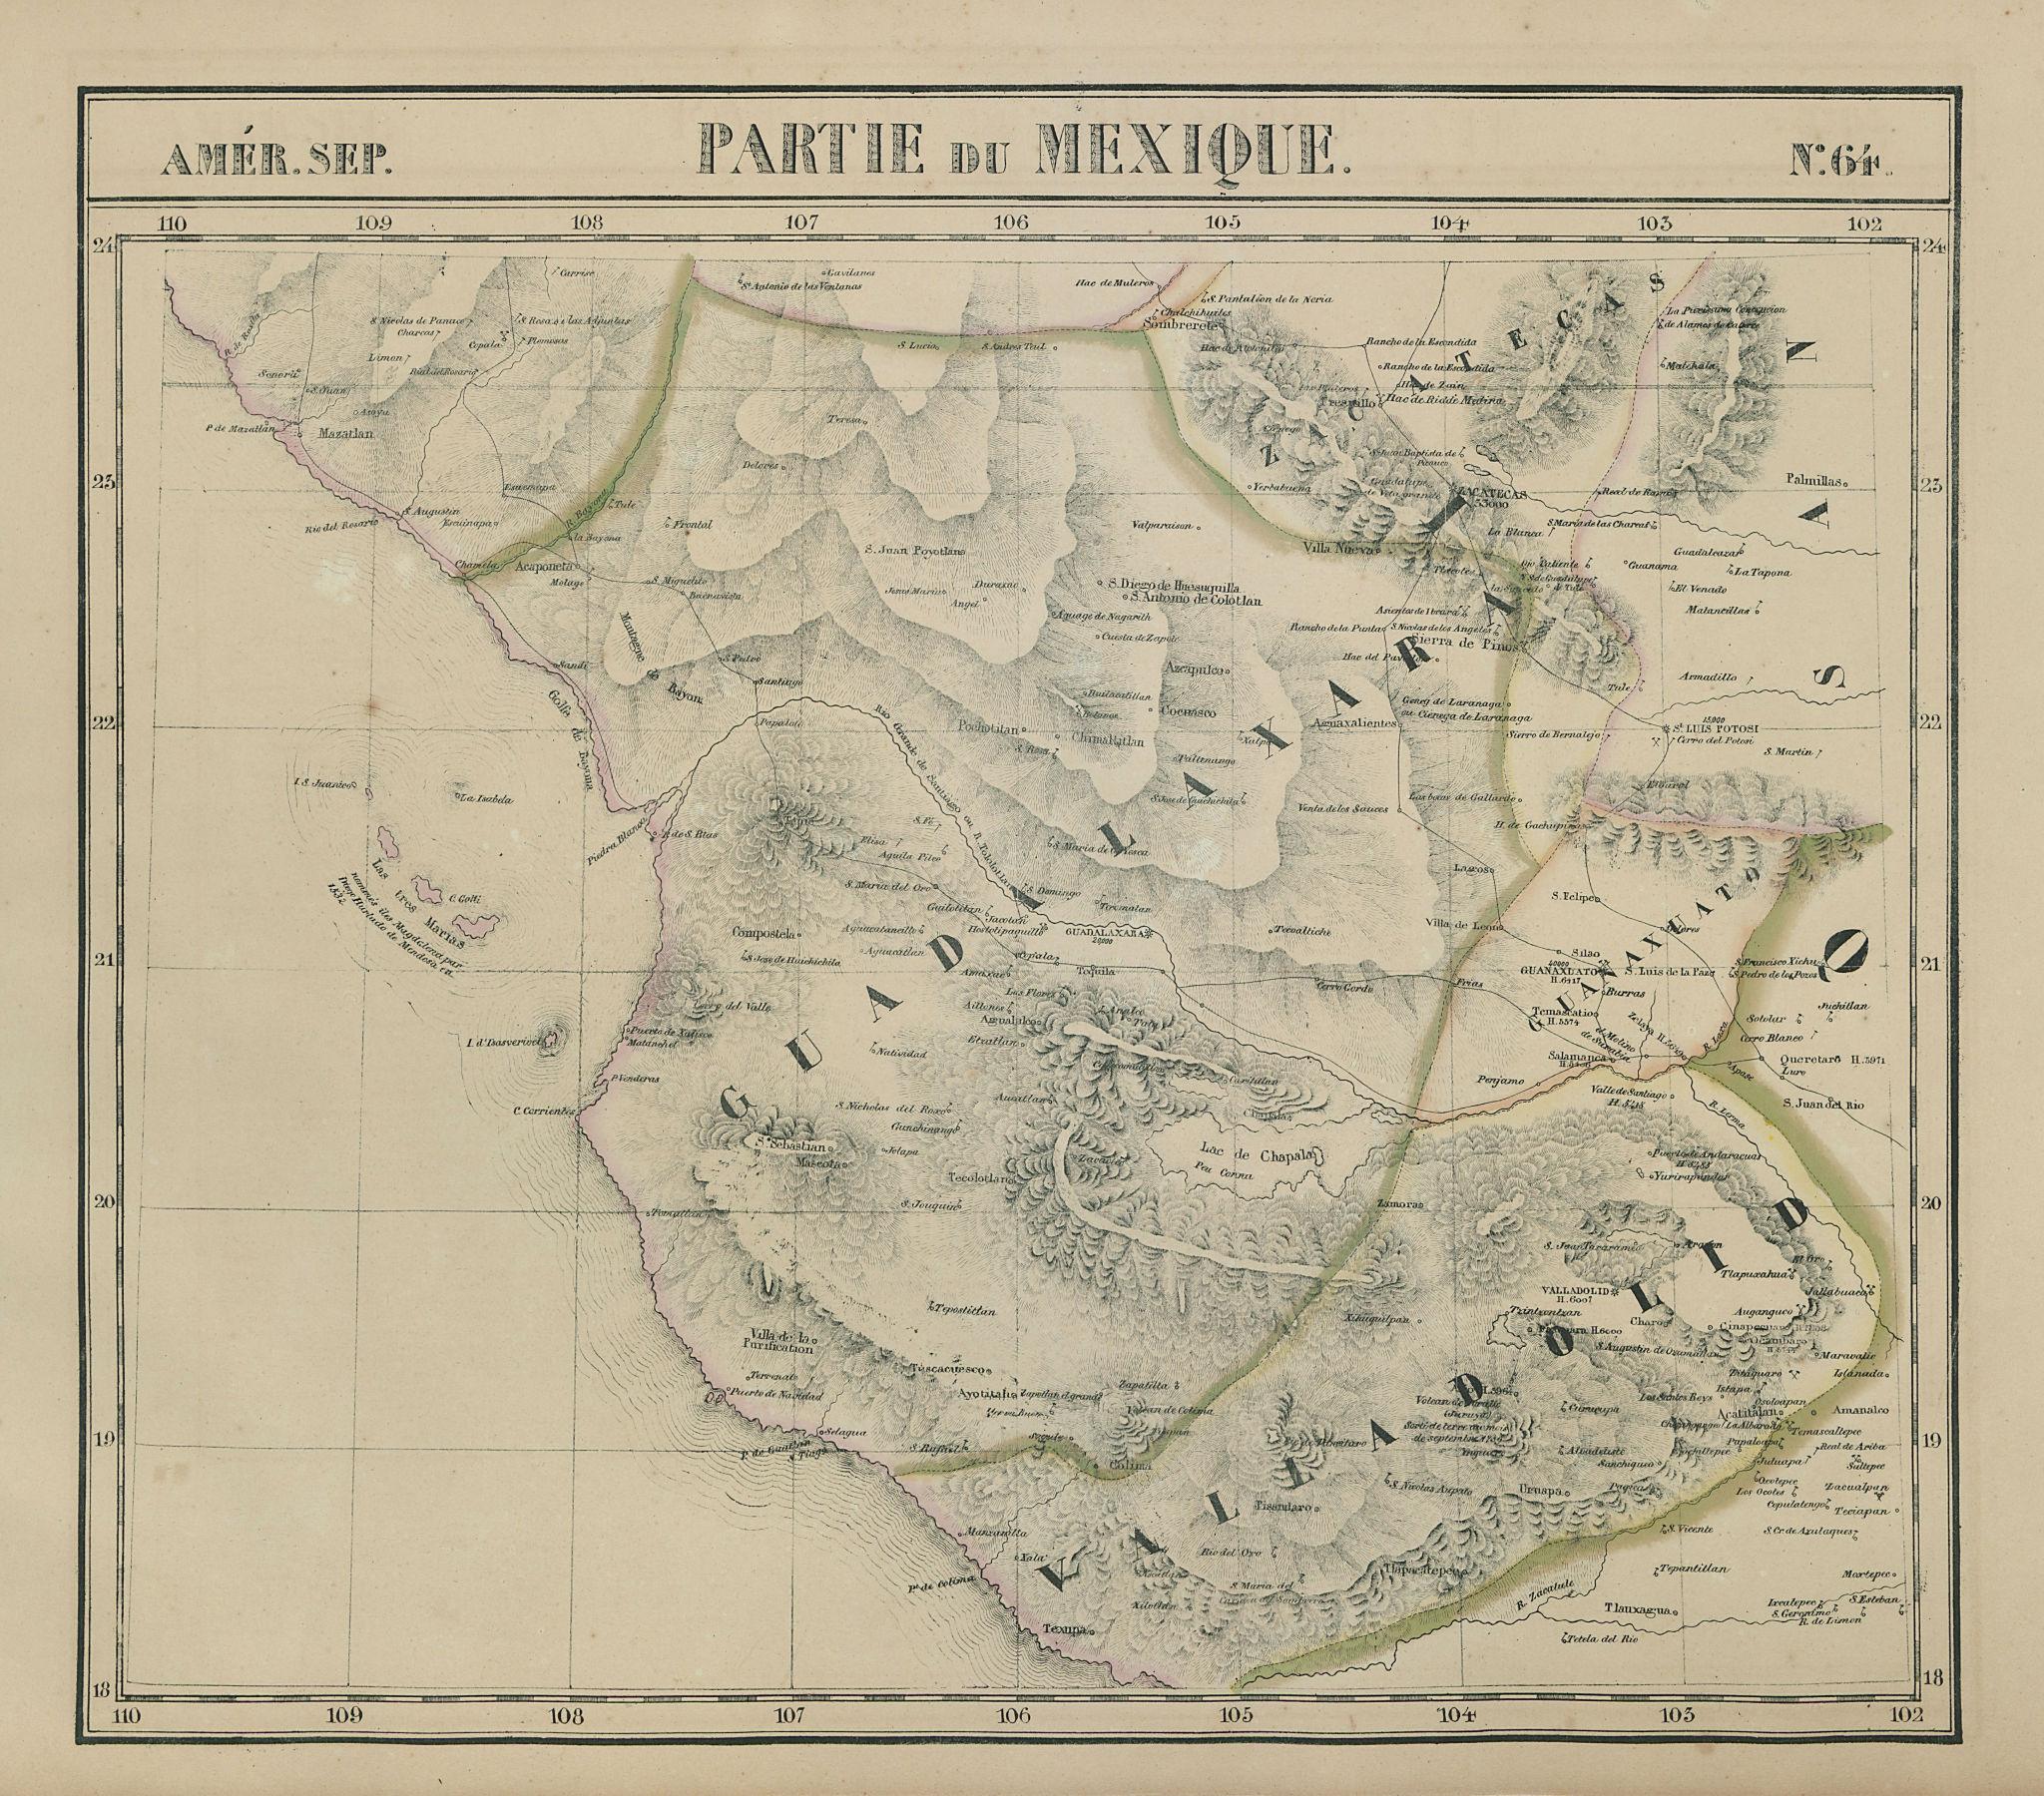 Amér. Sep. Partie du Mexique #64. Southwest Mexico. VANDERMAELEN 1827 old map